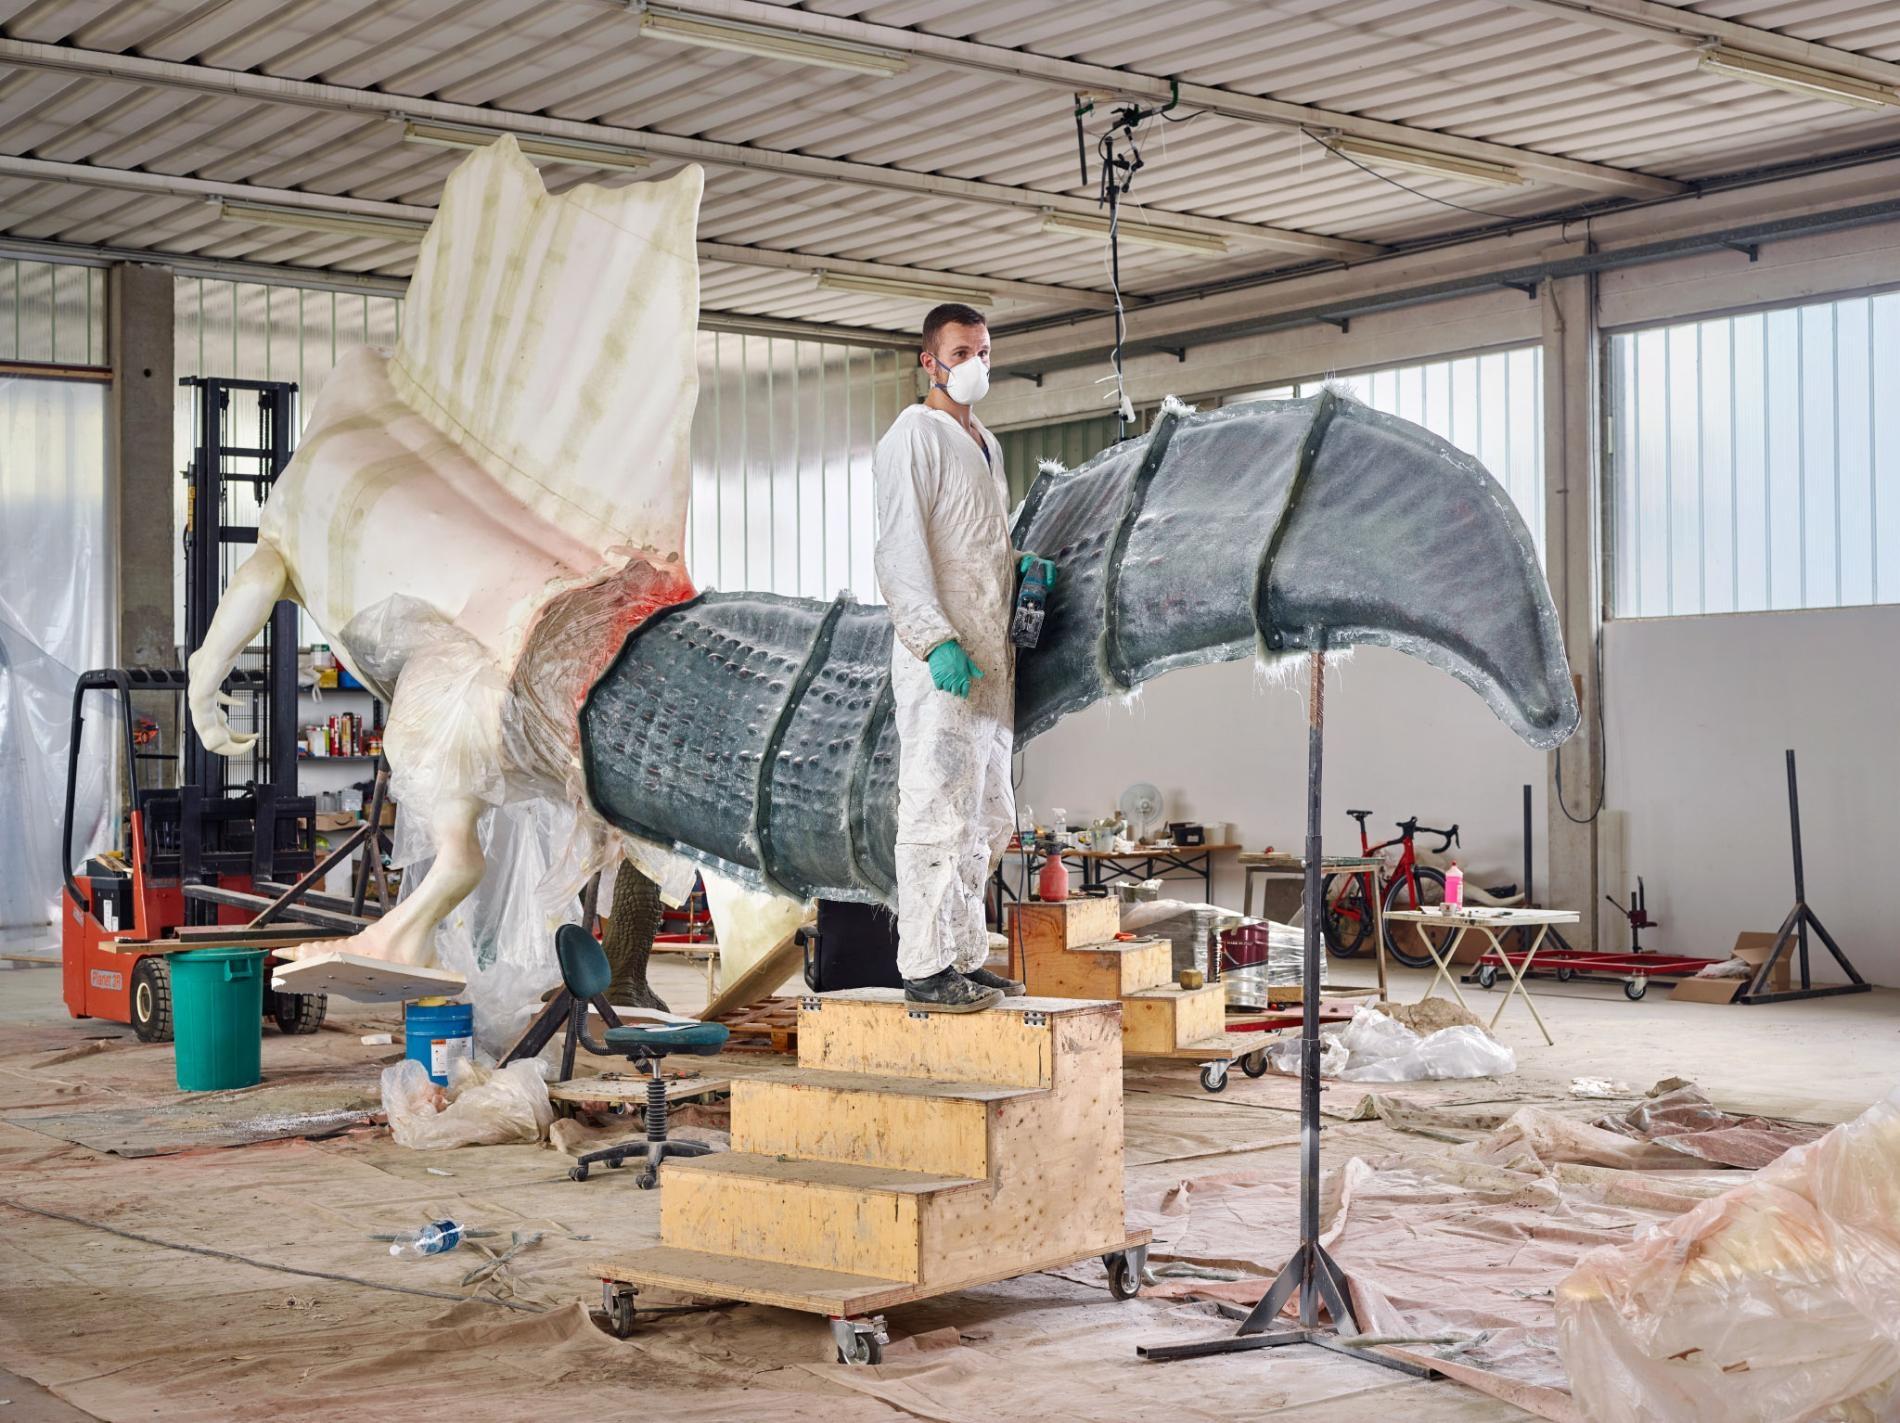 新化石帶來新模型:DI.MA. Dino Makers是一間位在義大利福薩爾塔迪皮亞韋的博物館塑像公司,其員工古宗.伊昂(Guzun Ion)正在為真實尺寸的棘龍雕像鑄造更新版的尾巴。PHOTOGRAPH BY PAOLO VERZONE, NATIONAL GEOGRAPHIC